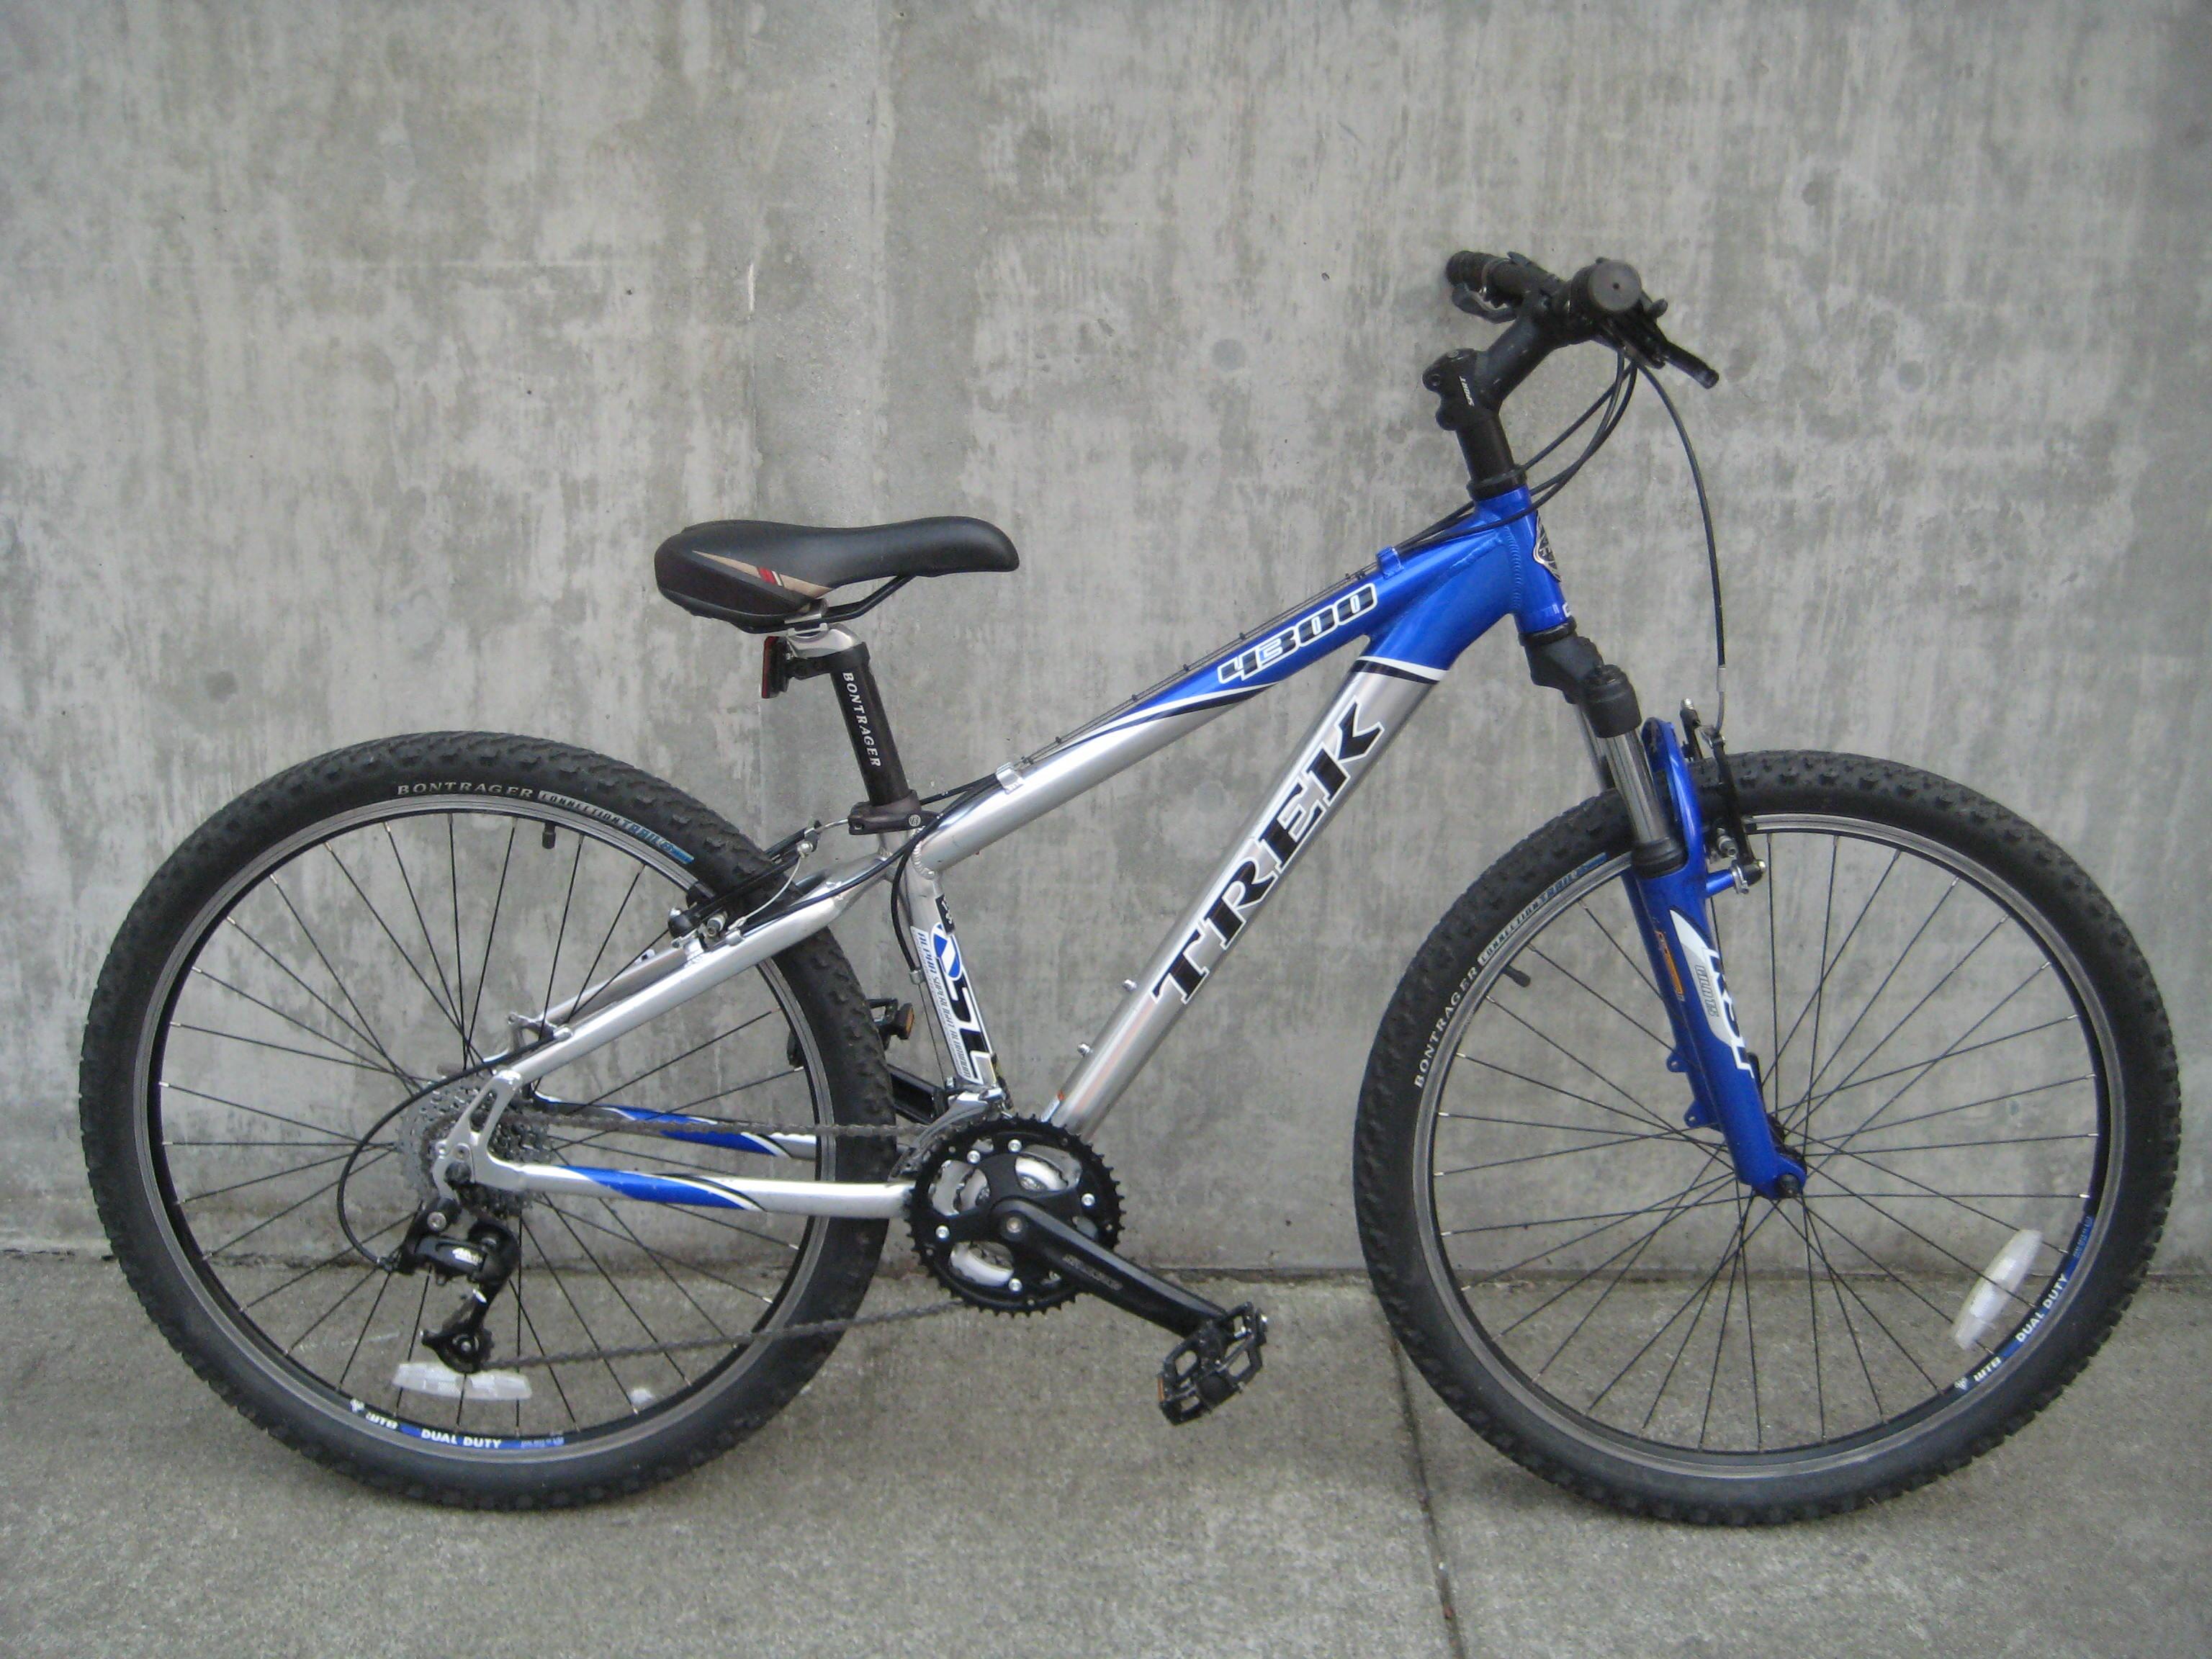 2007 trek bike